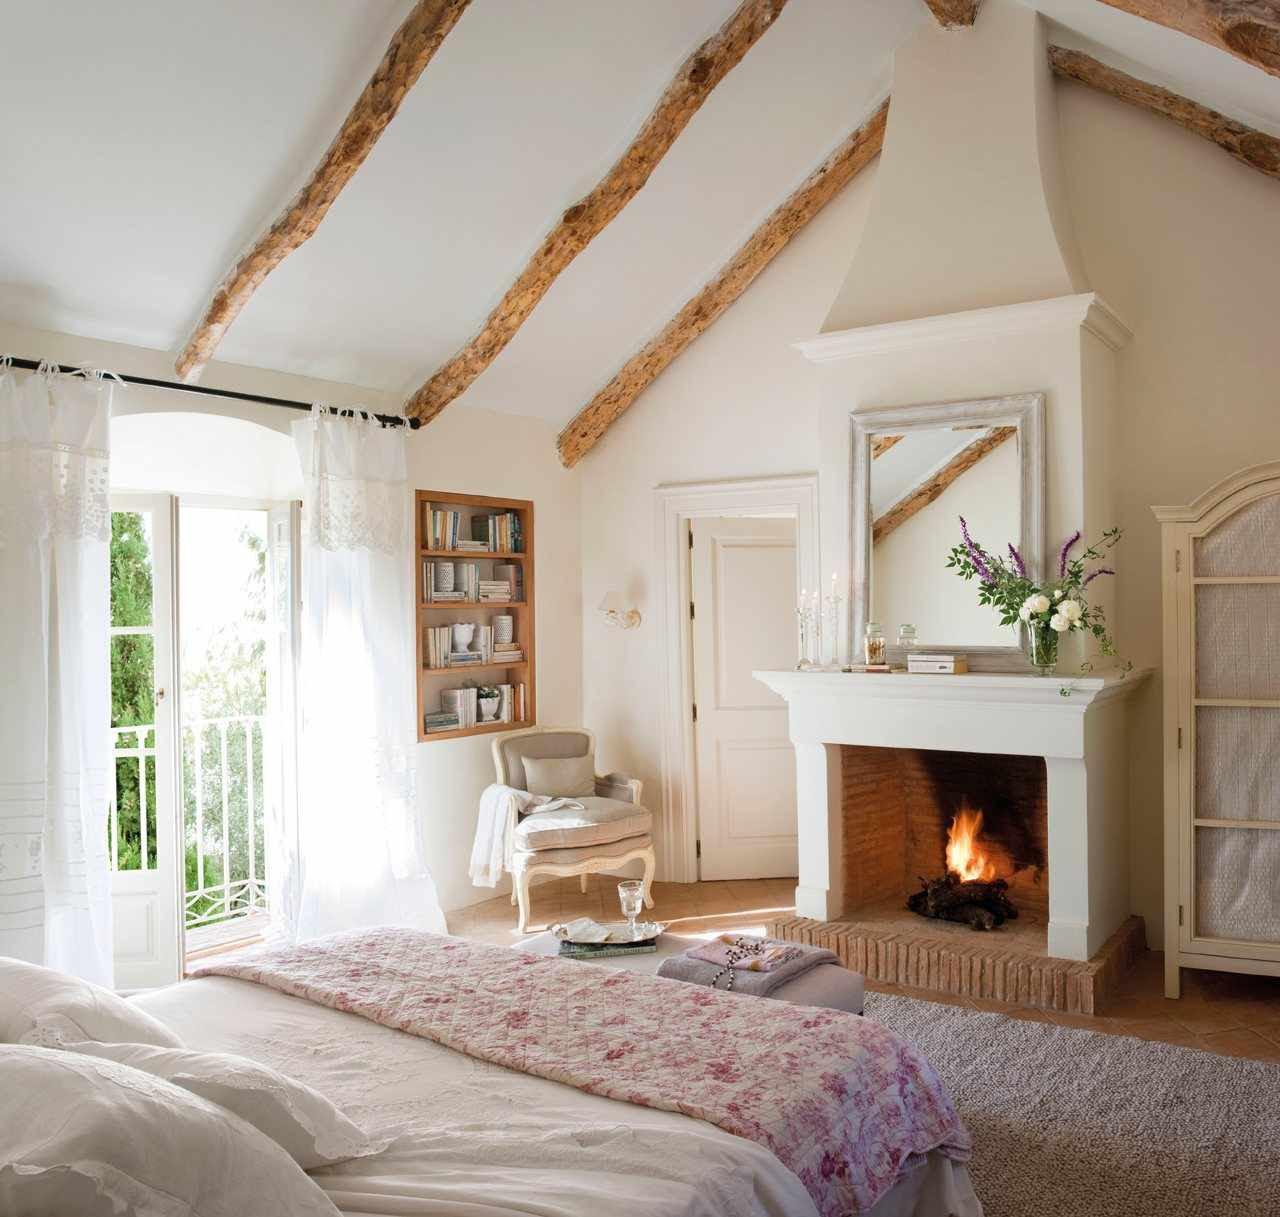 Cozy Bedroom Décor in Farmhouse Style - Master Bedroom Ideas